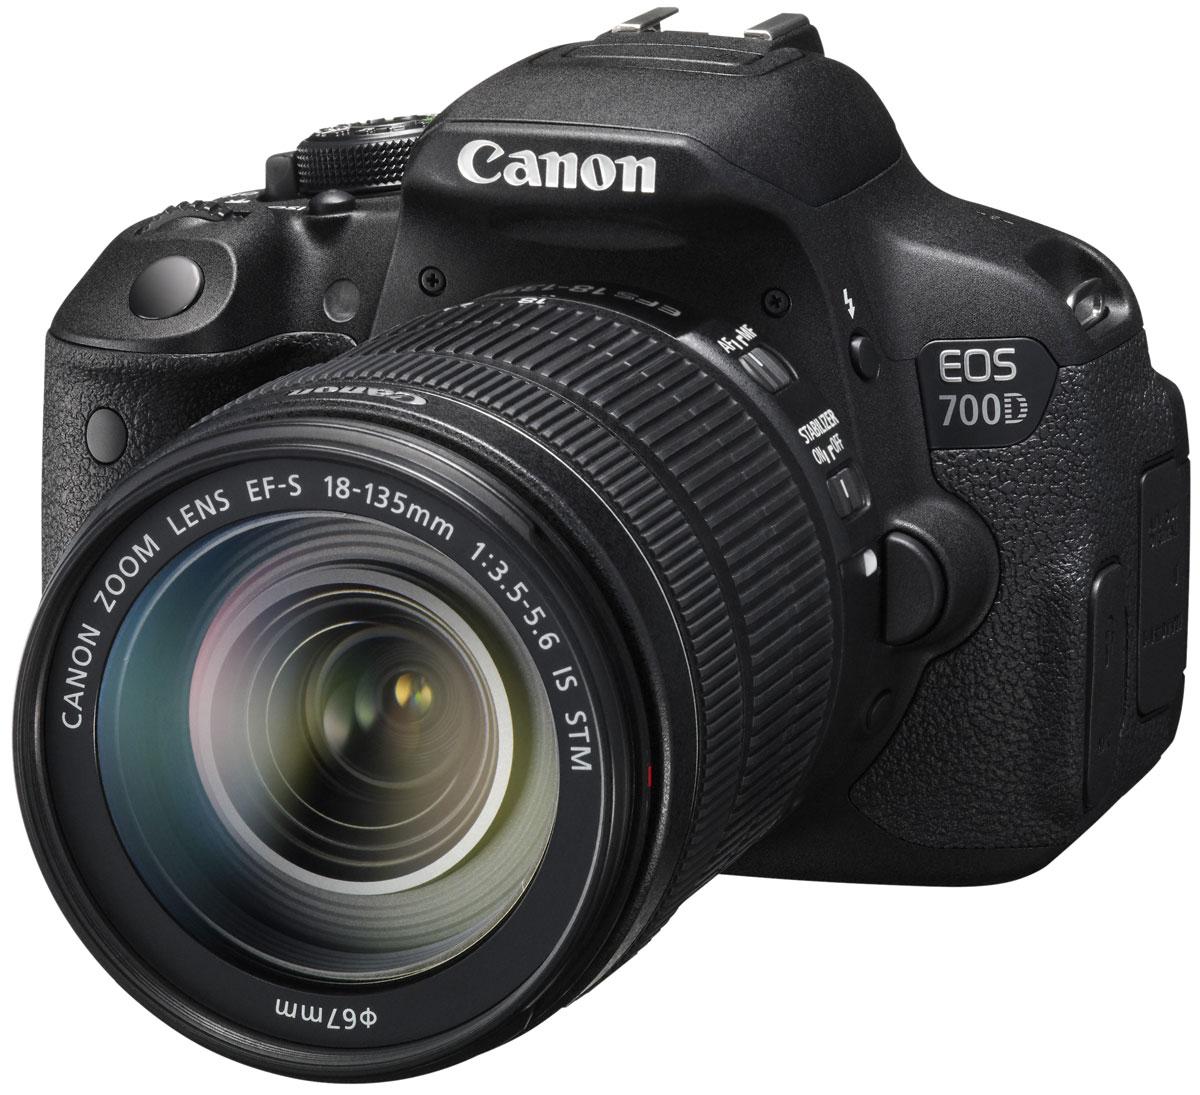 Canon EOS 700D Kit EF-S 18-135 IS STM8596B009Цифровая зеркальная камера Canon EOS 700D идеальна для первого опыта в мире изображений EOS. Сделайте шаг в мир цифровой зеркальной фотографии и раскройте свой творческий потенциал. 18-мегапиксельный датчик позволяет создавать превосходные фотографии и видео, а удобный сенсорный ЖК-экран с переменным углом наклона Clear View II превращает съемку в удовольствие.Превосходное качество изображения:Запечатлейте каждую деталь благодаря 18-мегапиксельной матрице с гибридным CMOS-автофокусом. EOS 700D позволяет создавать изображения с низким уровнем шумов, которые можно распечатывать в большом разрешении, либо кадрировать и менять композицию.Видео в формате Full HD:Снимайте видео с разрешением 1080p и с выбором оптимального уровня автоматического или ручного контроля. Технология гибридной автофокусировки обеспечивает автоматическую непрерывную фокусировку при съемке видео. EOS 700D поддерживает почти бесшумную следящую автофокусировку для видео, используя совместимые объективы с технологией STM. Запись стереозвука осуществляется с помощью встроенного или внешнего микрофона.Отслеживайте динамику движений:Отслеживайте движущиеся объекты с помощью системы автофокусировки с 9 точками крестового типа, даже если они перемещаются в пределах сцены. Серийная съемка со скоростью 5 кадров/с очередями до 22 снимков означает, что Вы никогда не пропустите решающий момент.Откройте новые углы обзора:Компонуйте фотографии и видео под новыми и интересными углами с помощью 77-мм (3,0) сенсорного ЖК-экрана с переменным углом наклона Clear View II с соотношением сторон 3:2. Снимайте над головой или выберите впечатляющий ракурс на уровне поверхности земли.Сенсорное управление:Камеру EOS 700D удобно использовать с самого начала. Наводка на резкость и съемка одним касанием сенсорного экрана камеры, а также просмотр изображений при помощи движения пальцами и перетаскивания.Интеллектуальный сценарный режим:Легкое создание прекрасных снимков. Интеллектуаль